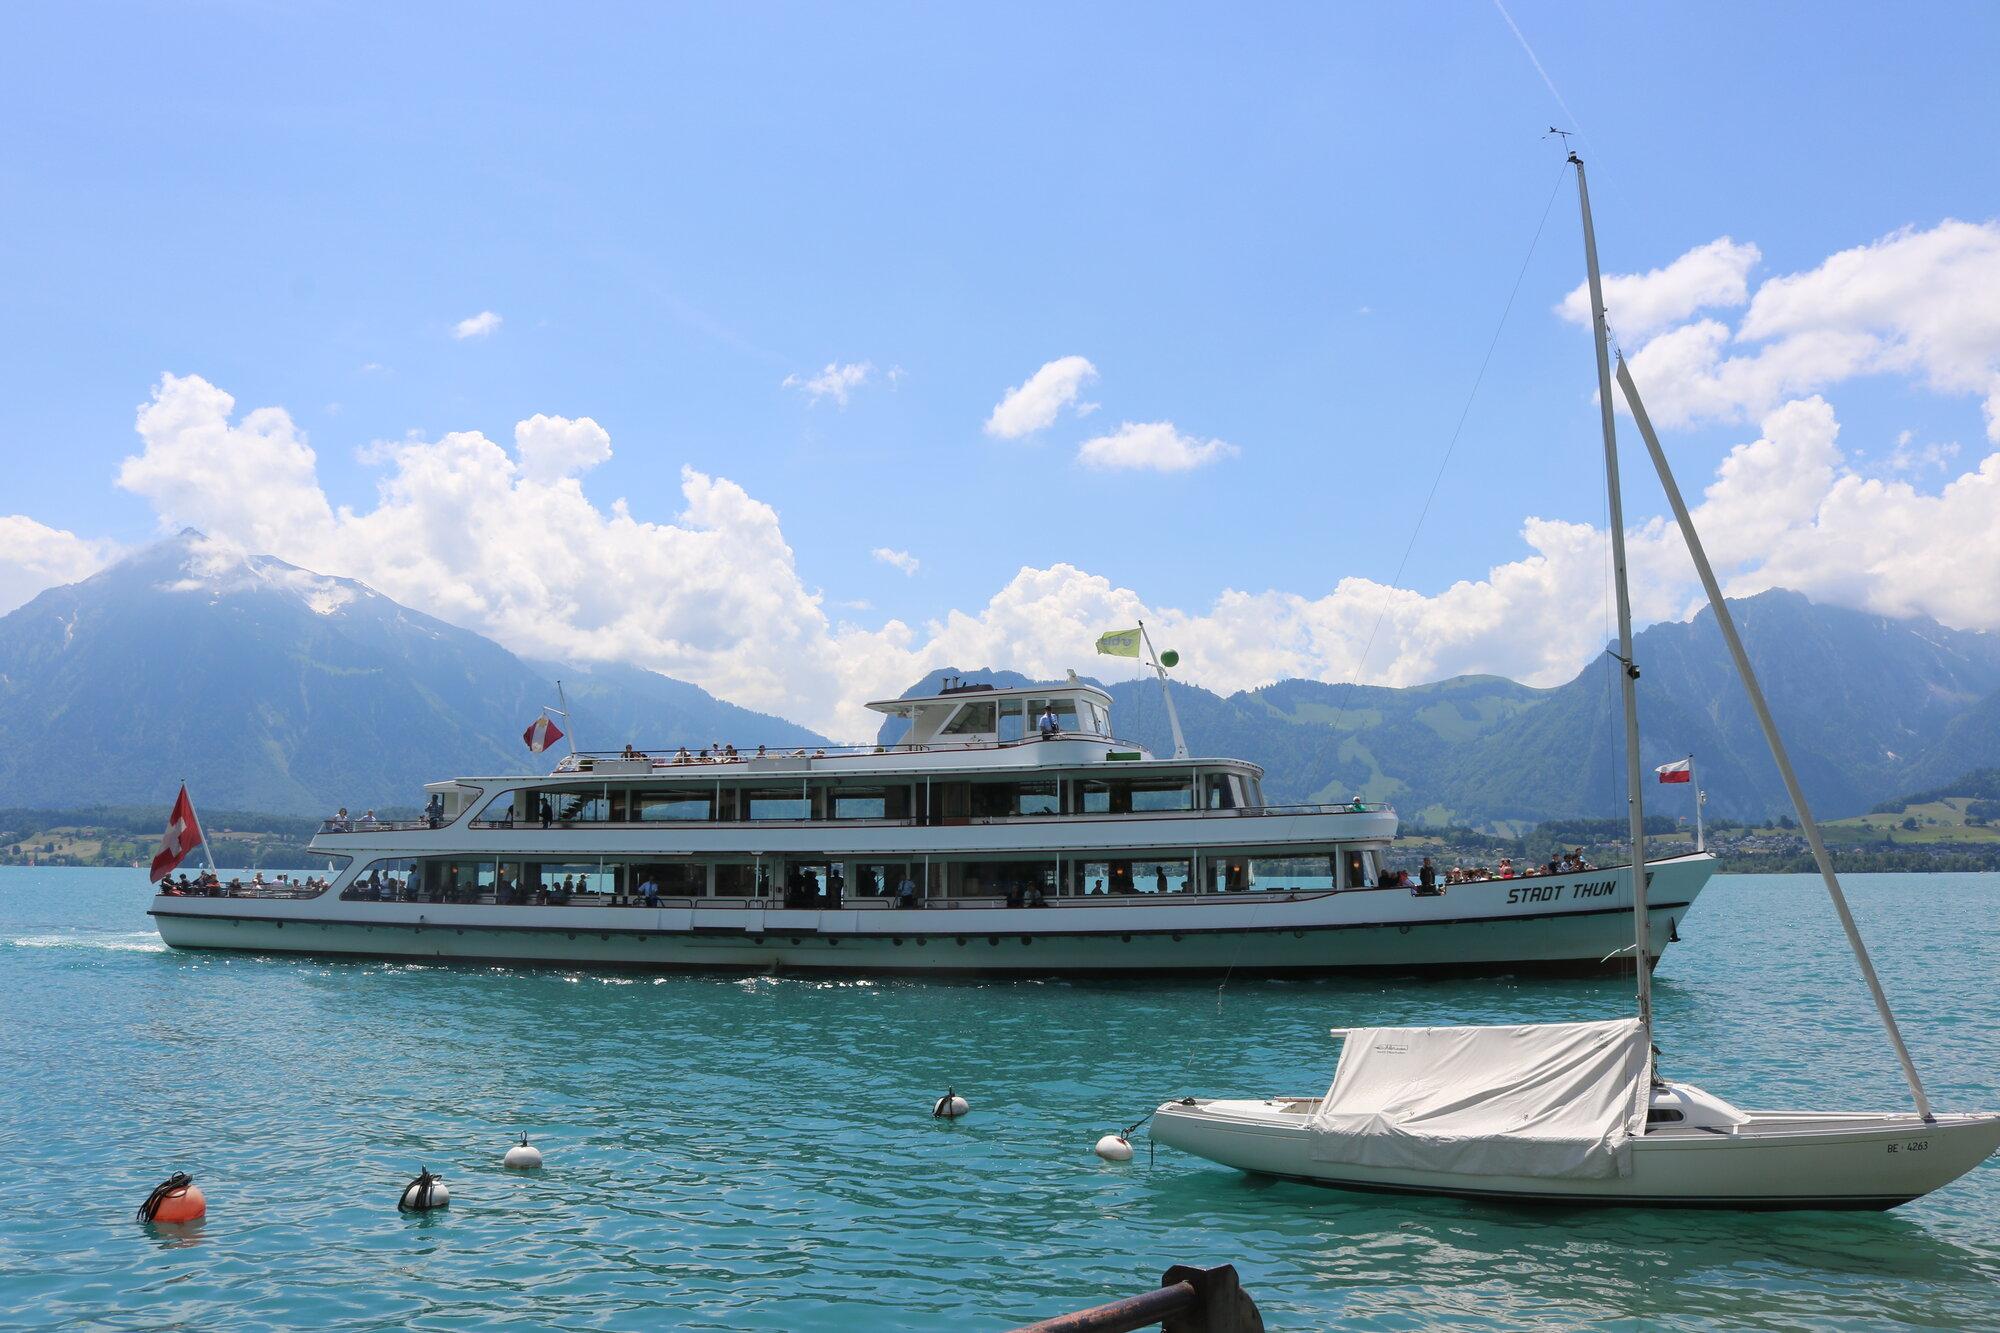 turistická loď, která pendluje mezi městem Thun a Spiez